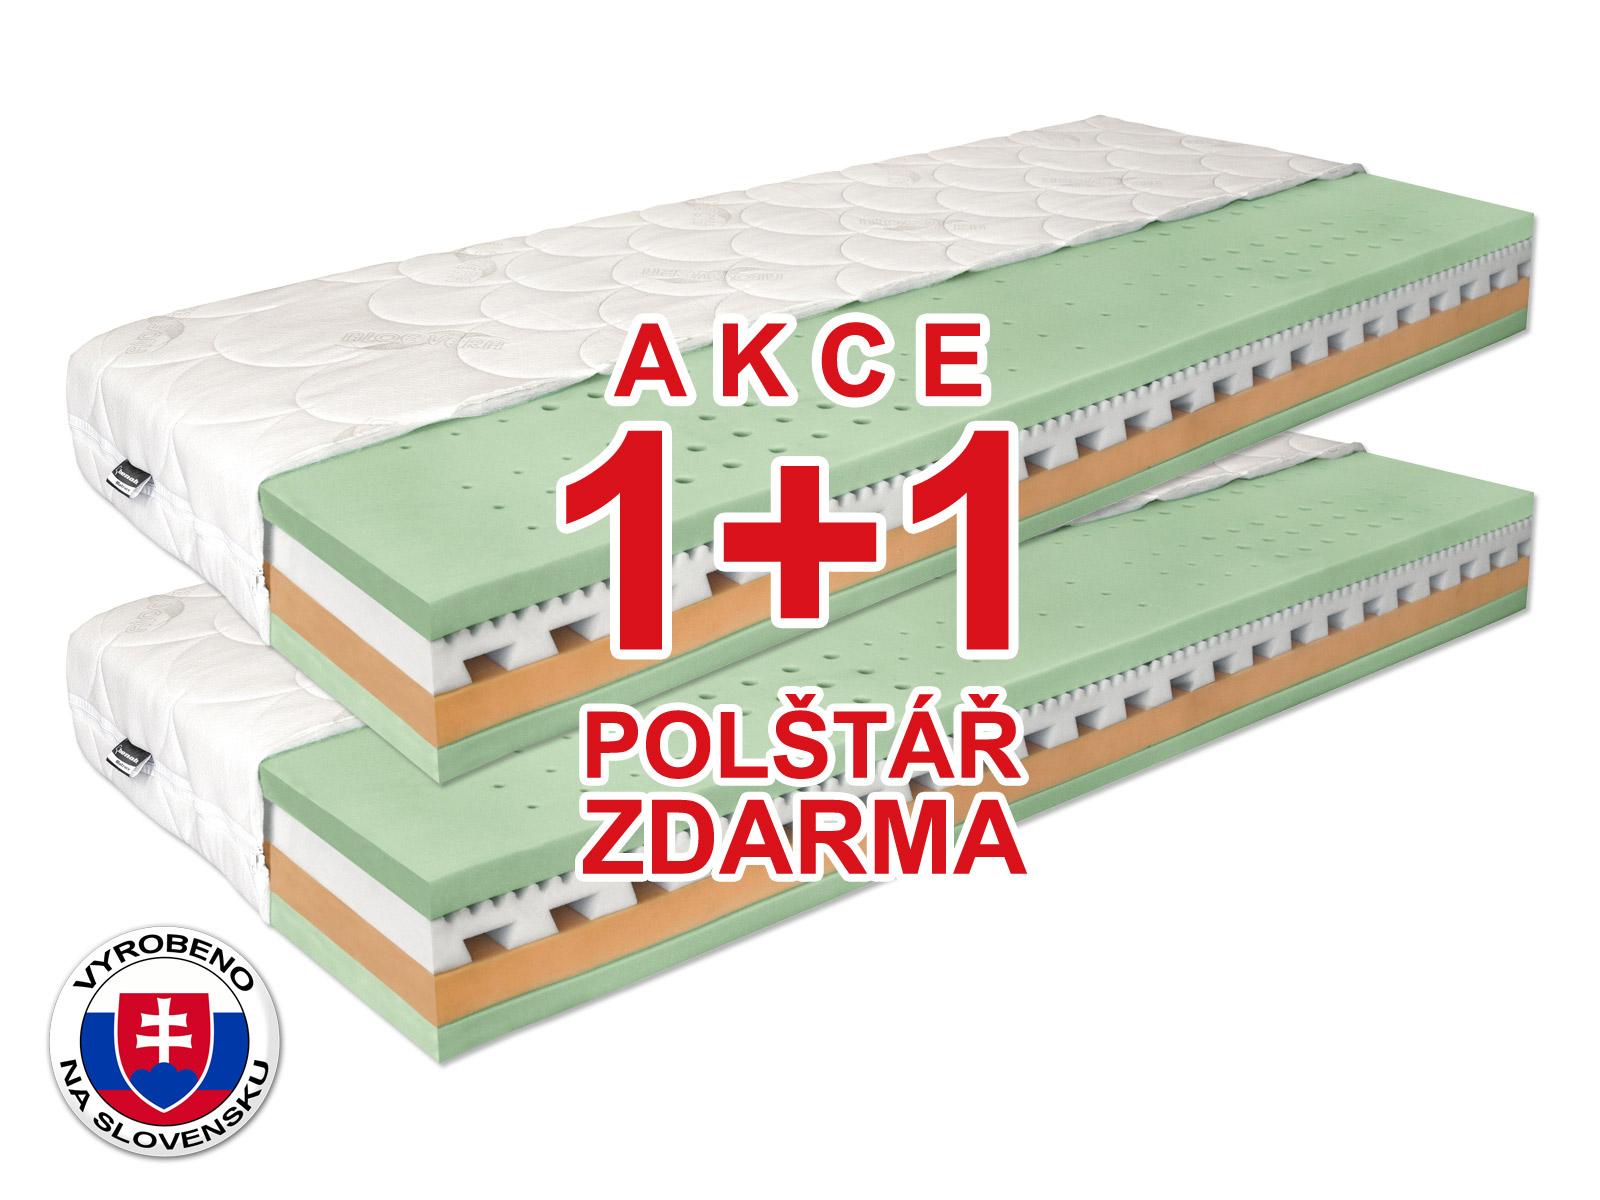 Pěnová matrace - Benab - Omega Flex Duo - 200x80 cm (T3/T4) *AKCE 1+1. Akce (1+1): populární a pohodlná oboustranná matrace se snímatelným potahem, z naturální BIO pěny se 7-zónovým odvětrávacím systémem vyrobený na Slovensku